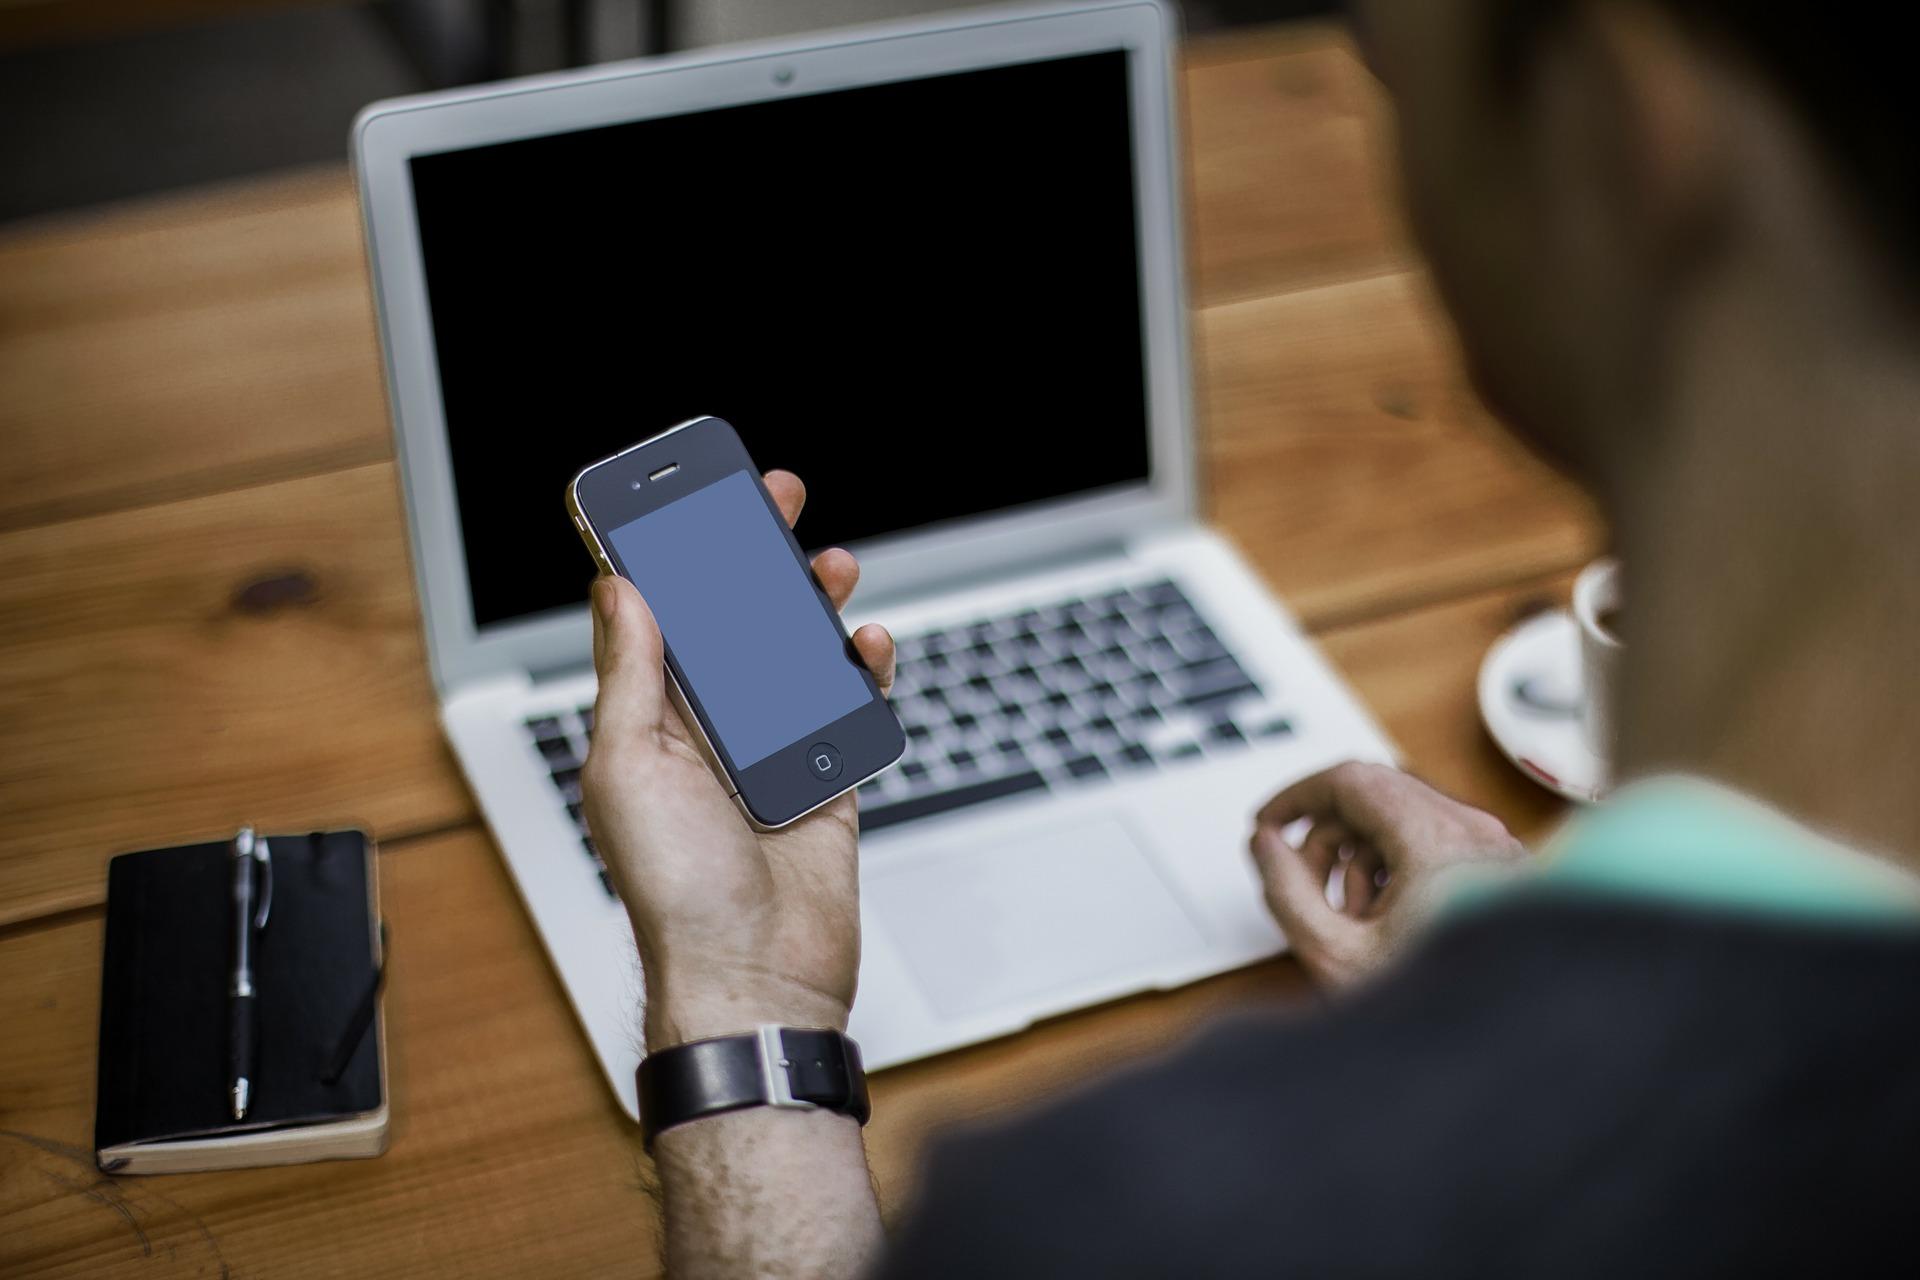 업계 최초 iOS 이용자 미디어 이용패턴을 읽는다! 3Screen 통합 광고효과 측정 모델(TAR 3.0) 개편'